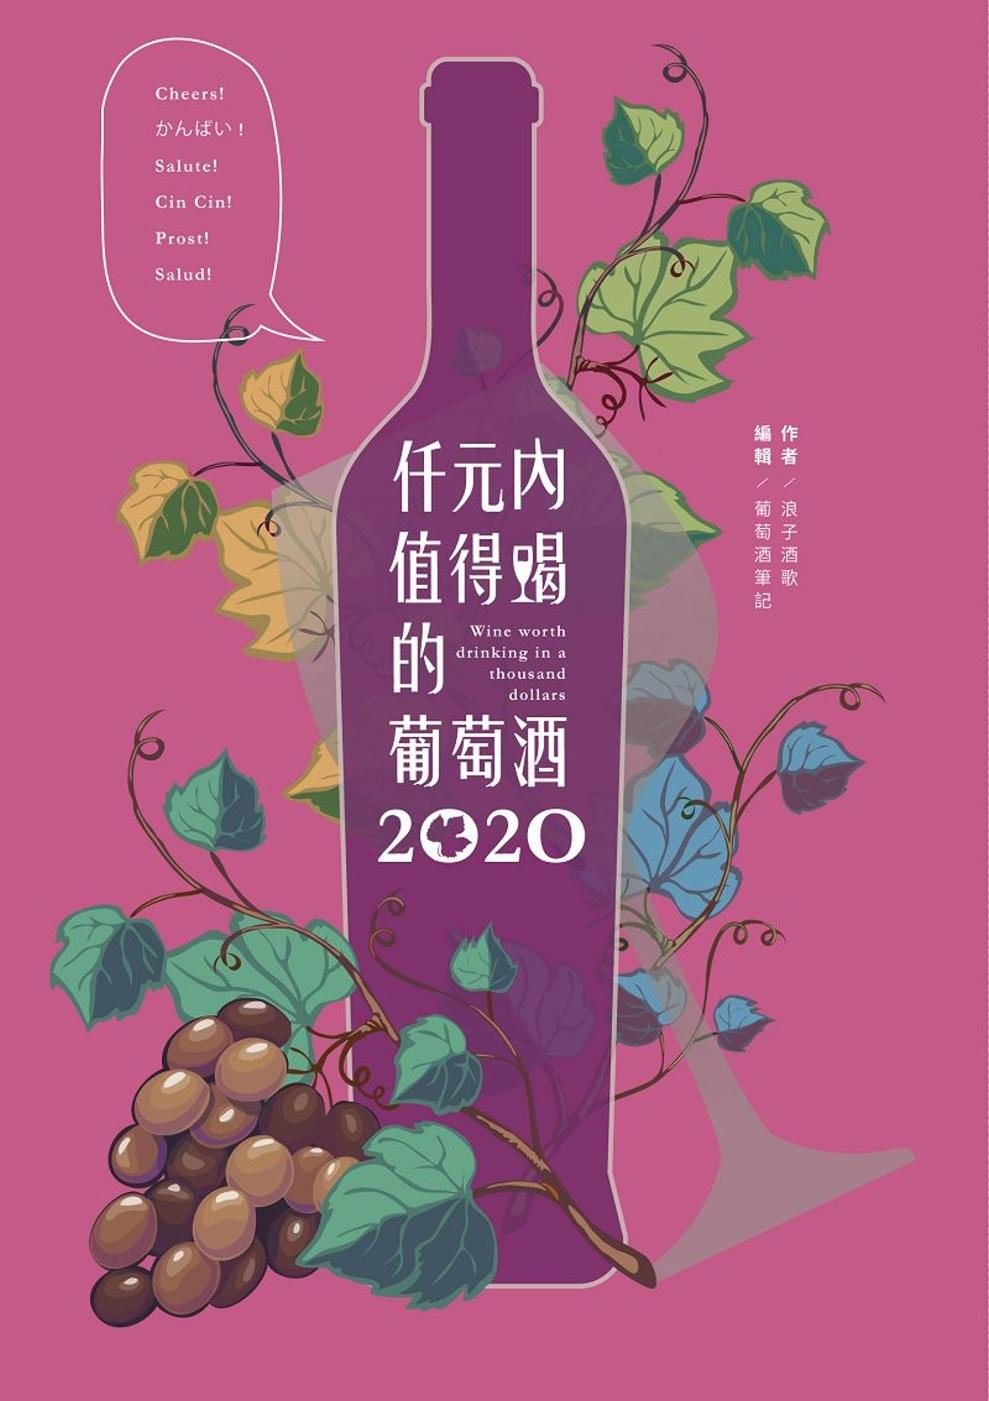 仟元內值得喝的葡萄酒:2020...